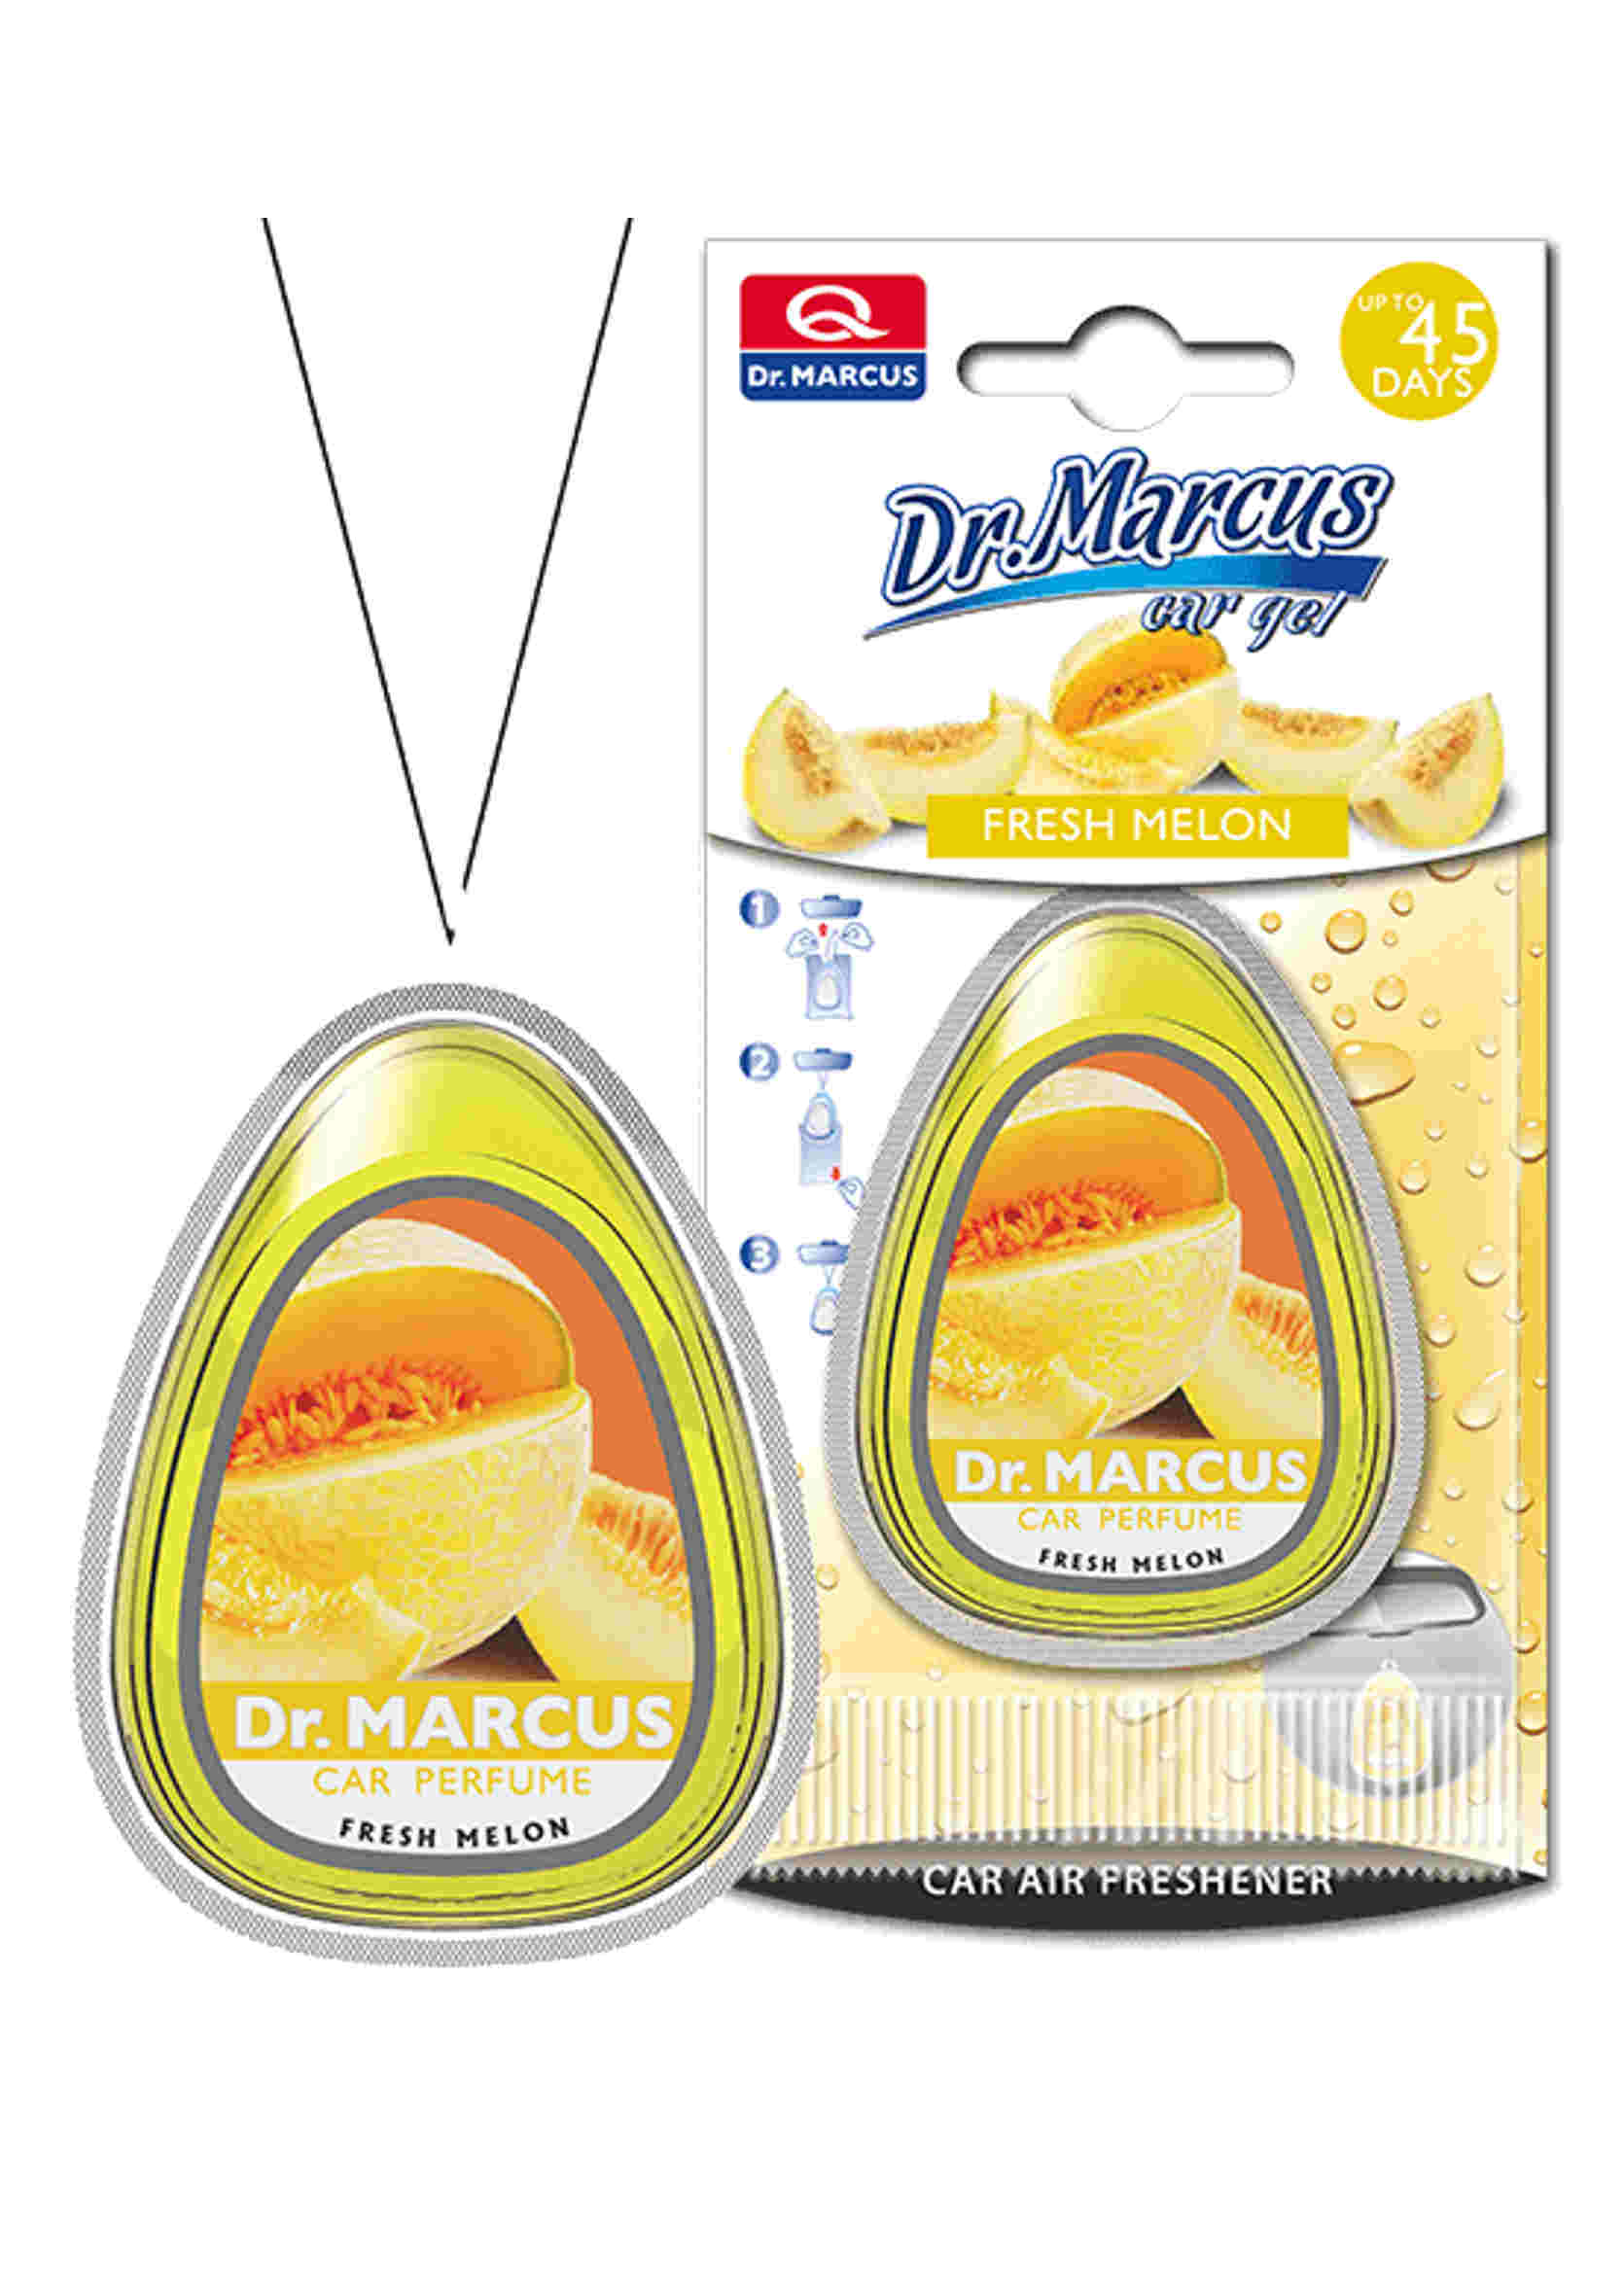 Dr. Marcus Car Gel Fresh Melon 10ml Żelowy Odświeżacz Powietrza Melonowy